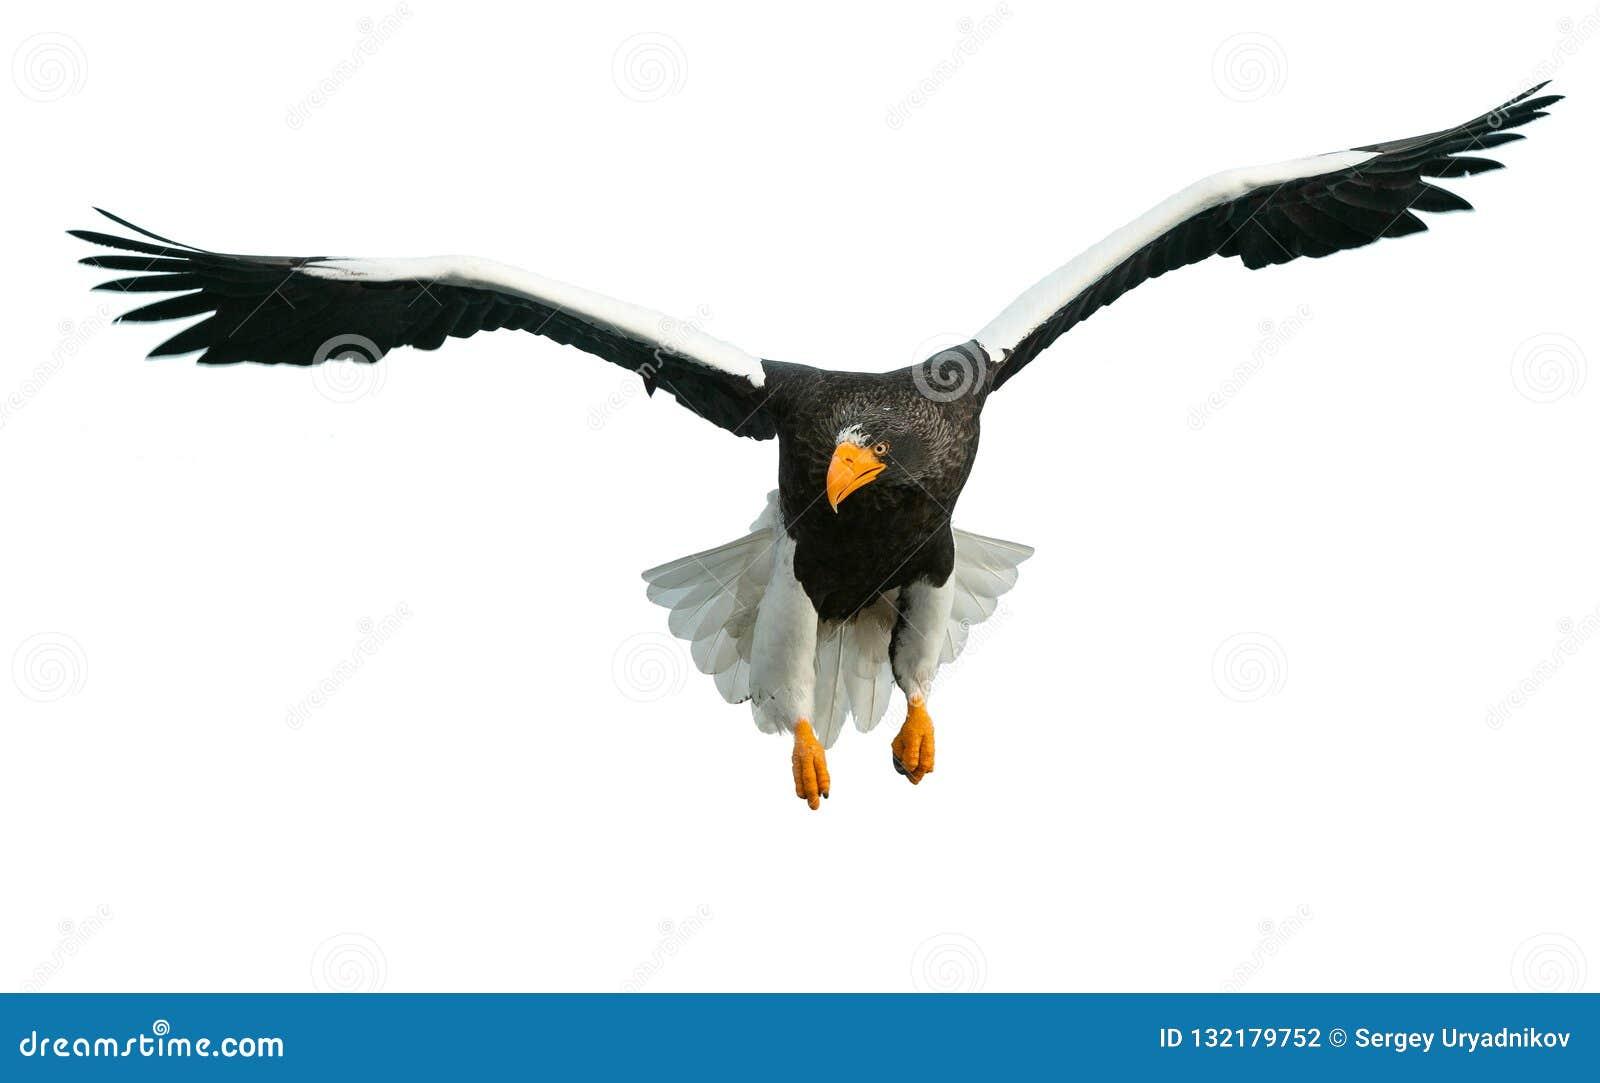 Erwachsener Steller-` s Seeadler im Flug Front View Getrennt auf weißem Hintergrund